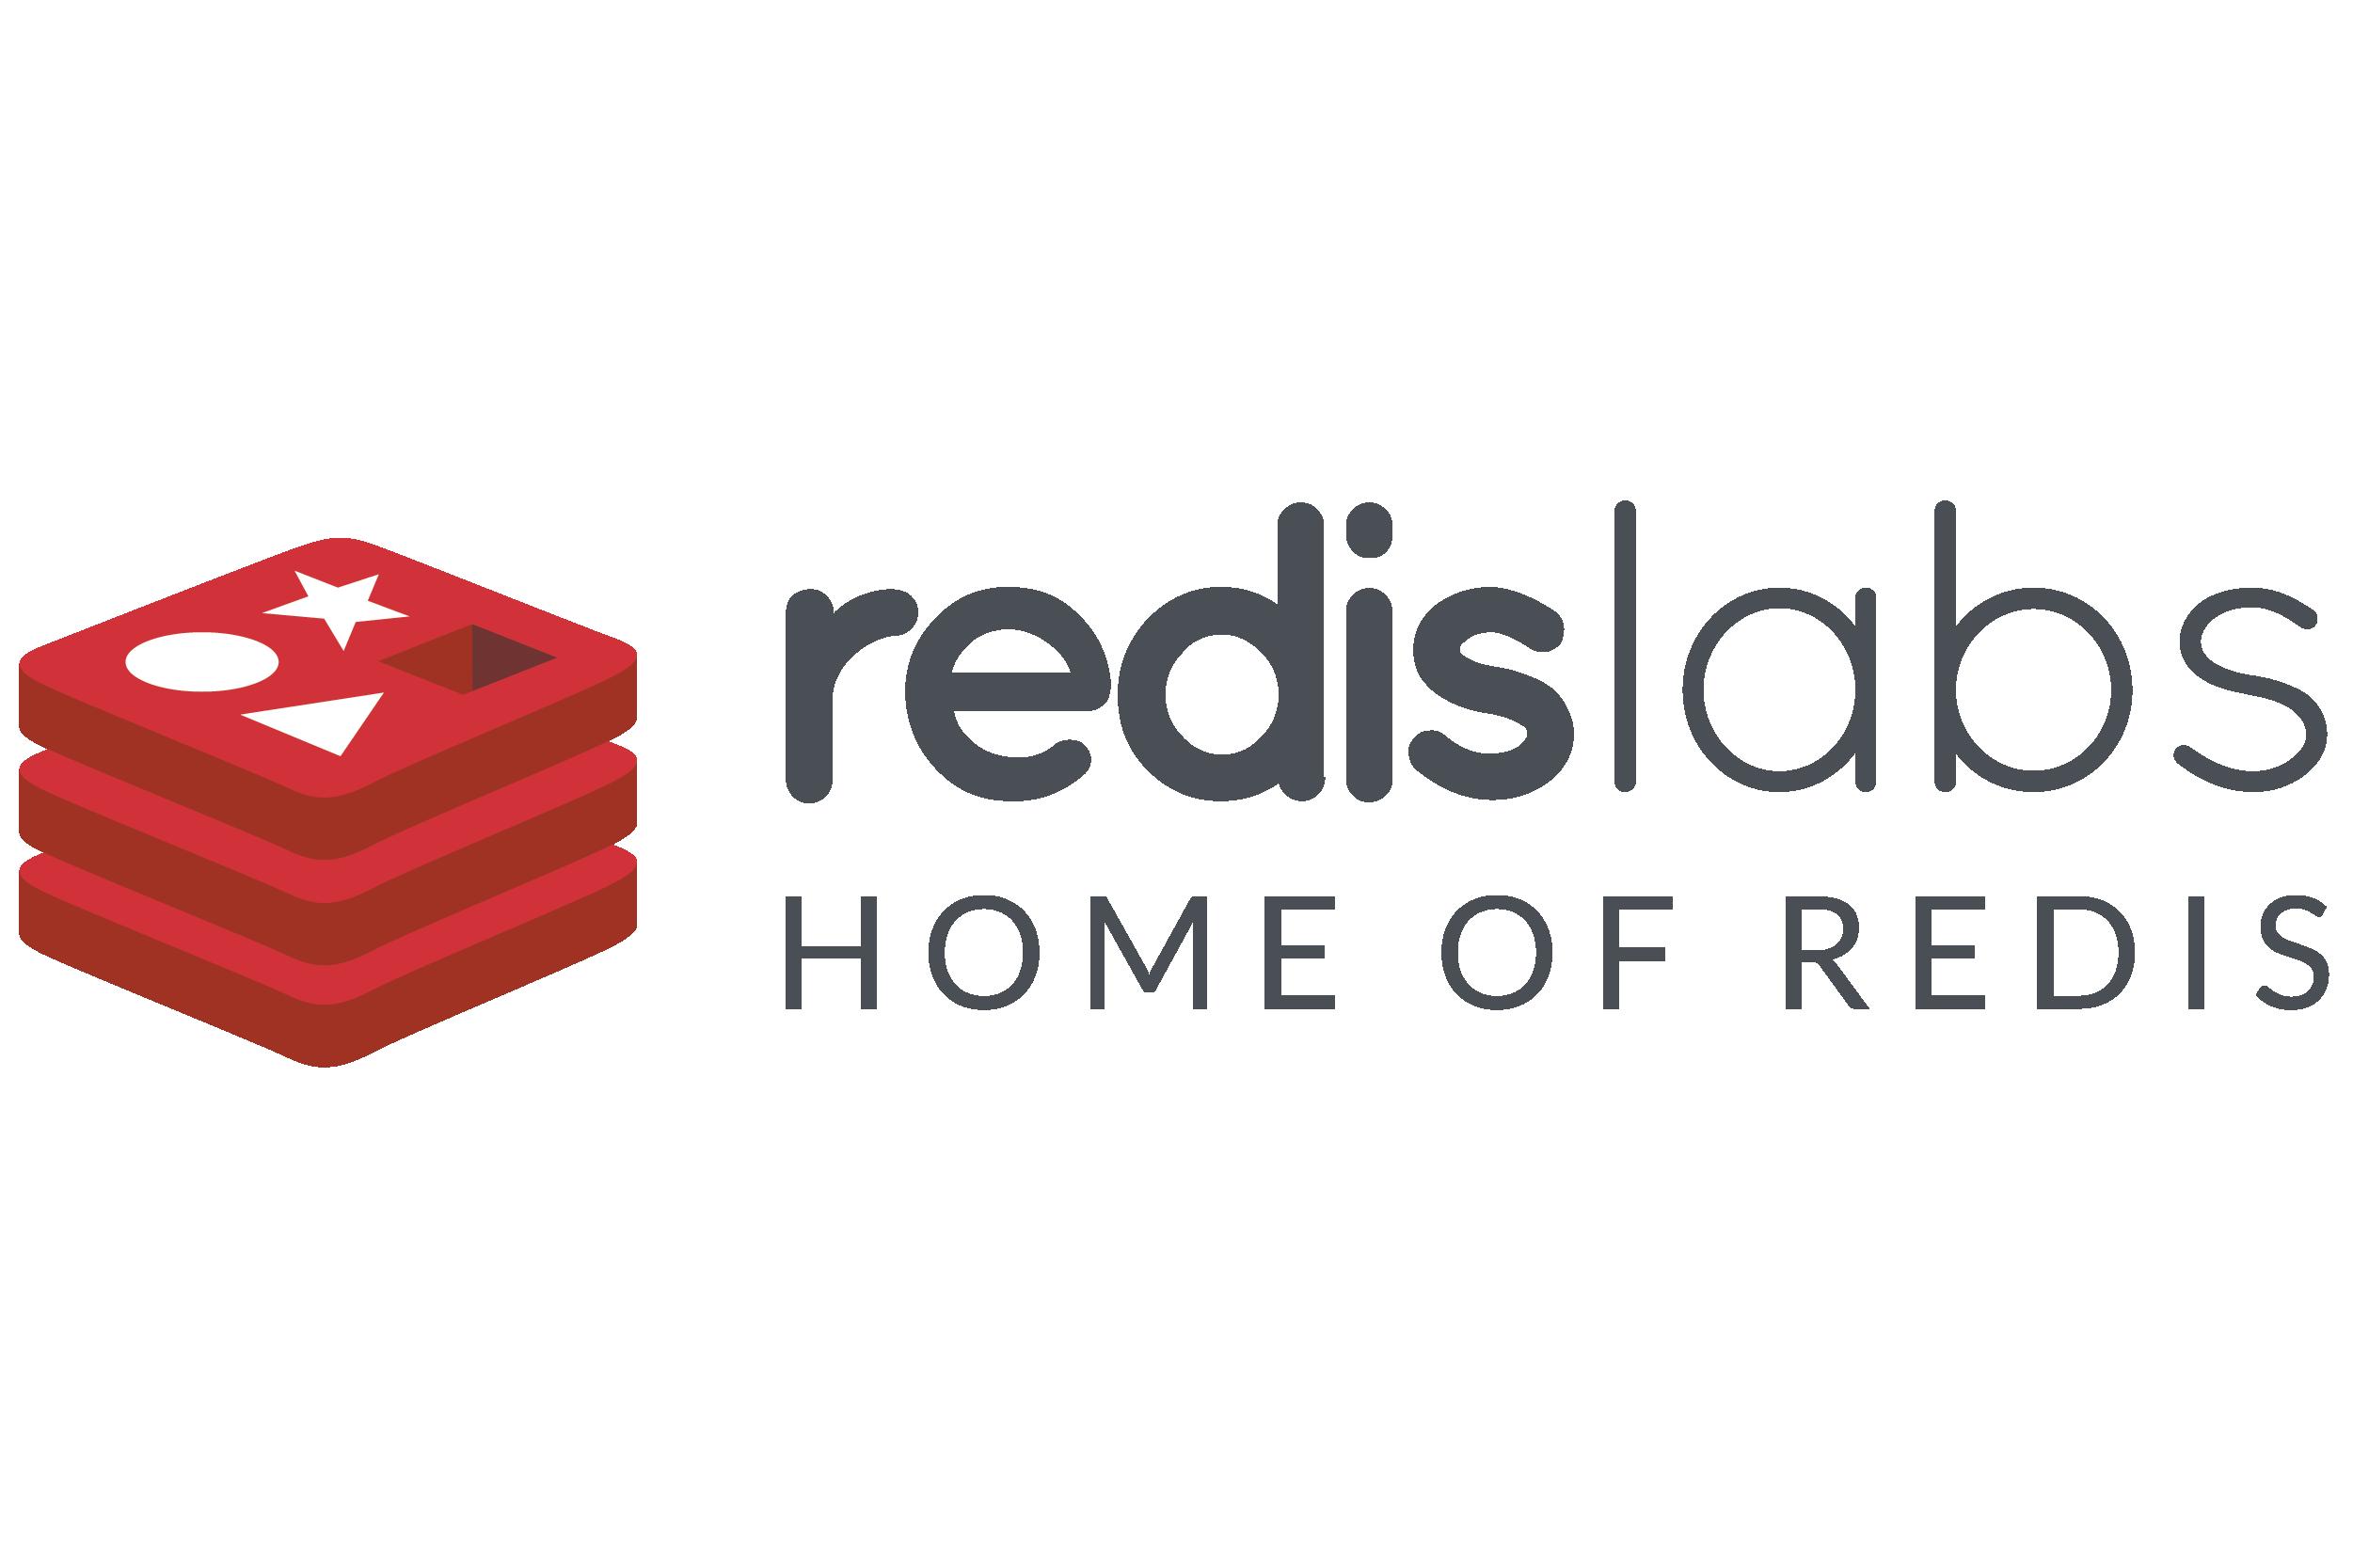 RedisLab logo